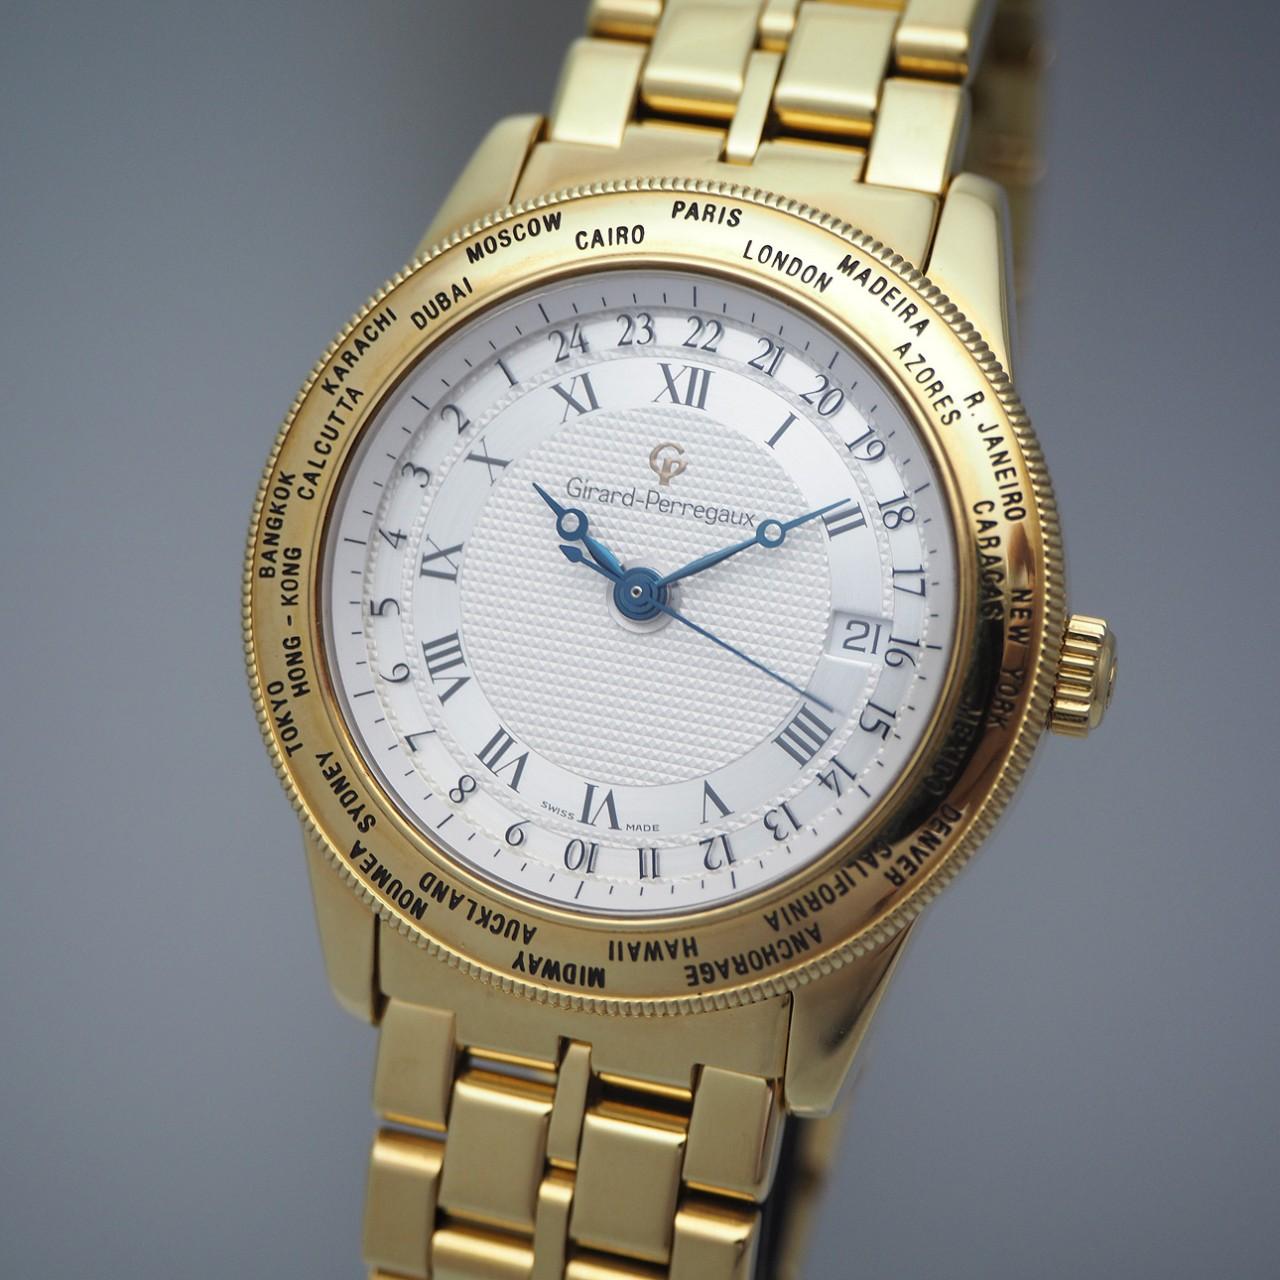 Girard Perregaux World Time Automatik 1010/ GP90, Gold 18k/50